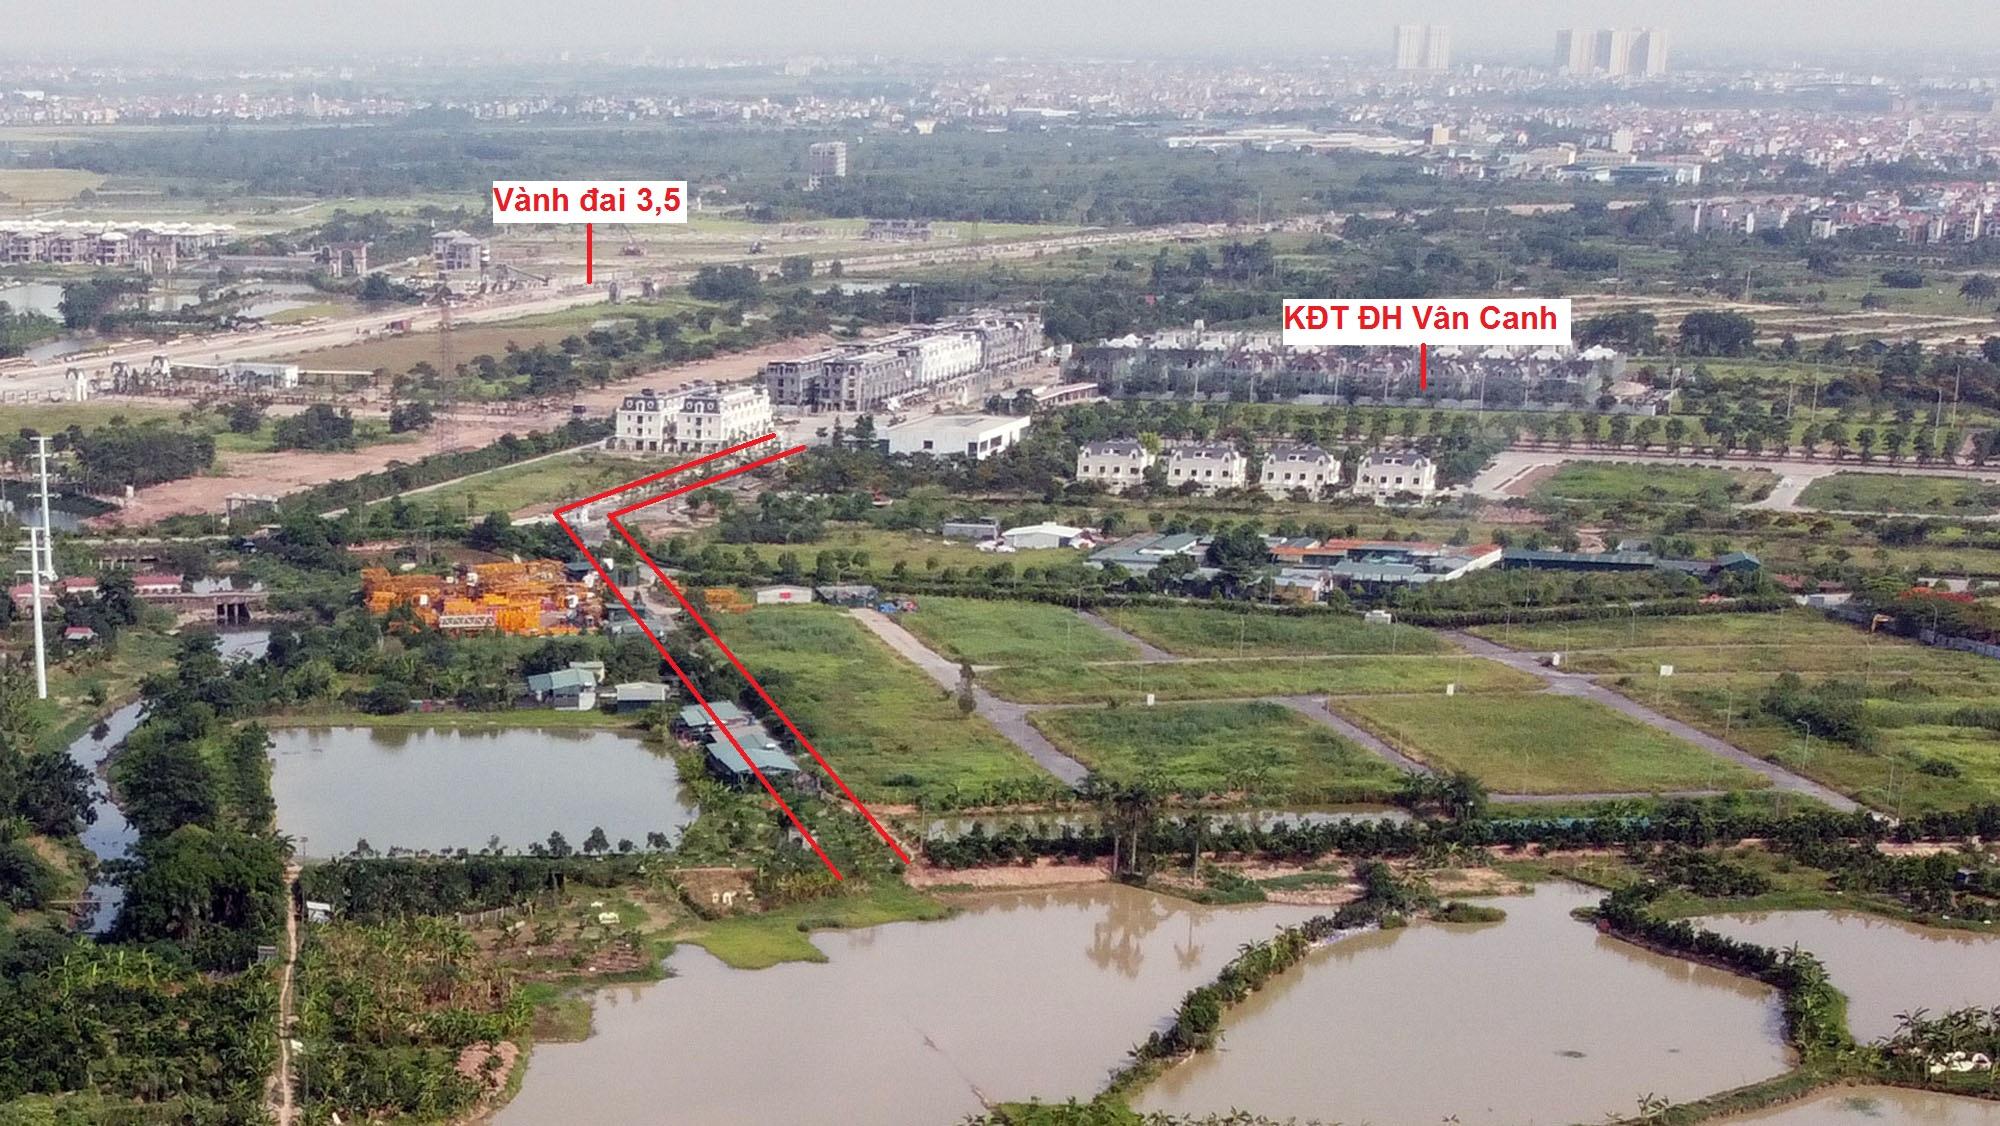 Ba đường sẽ mở theo qui hoạch ở xã Vân Canh, Hoài Đức, Hà Nội - Ảnh 14.